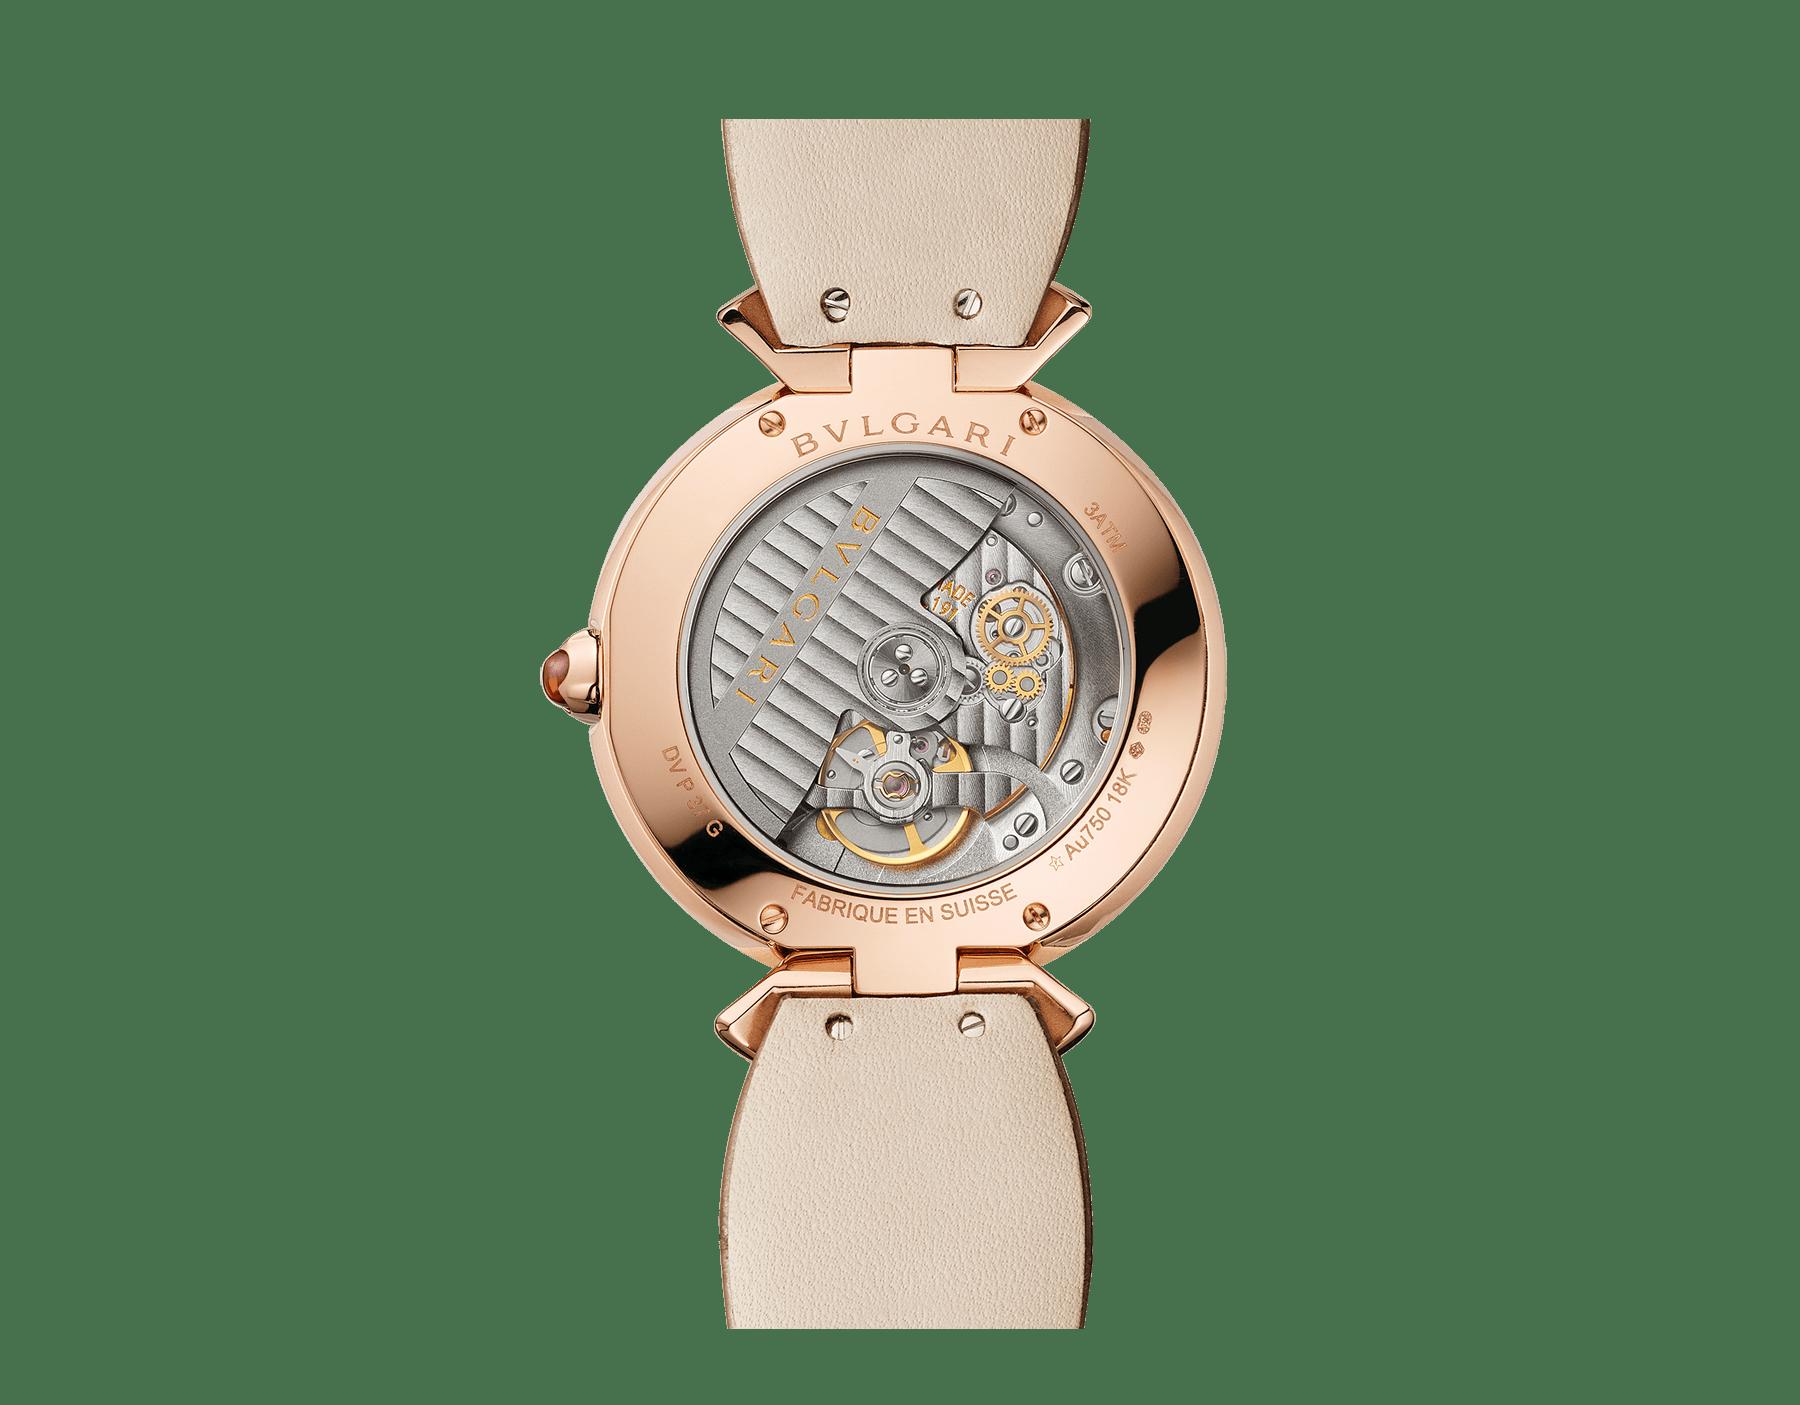 Часы DIVAS' DREAM, мануфактурный механизм с автоматическим заводом, корпус из розового золота 18 карат, безель и крепления в форме веера из розового золота 18 карат с бриллиантами классической огранки, циферблат с настоящим пером павлина, ремешок из блестящей кожи аллигатора бежевого цвета 103139 image 4